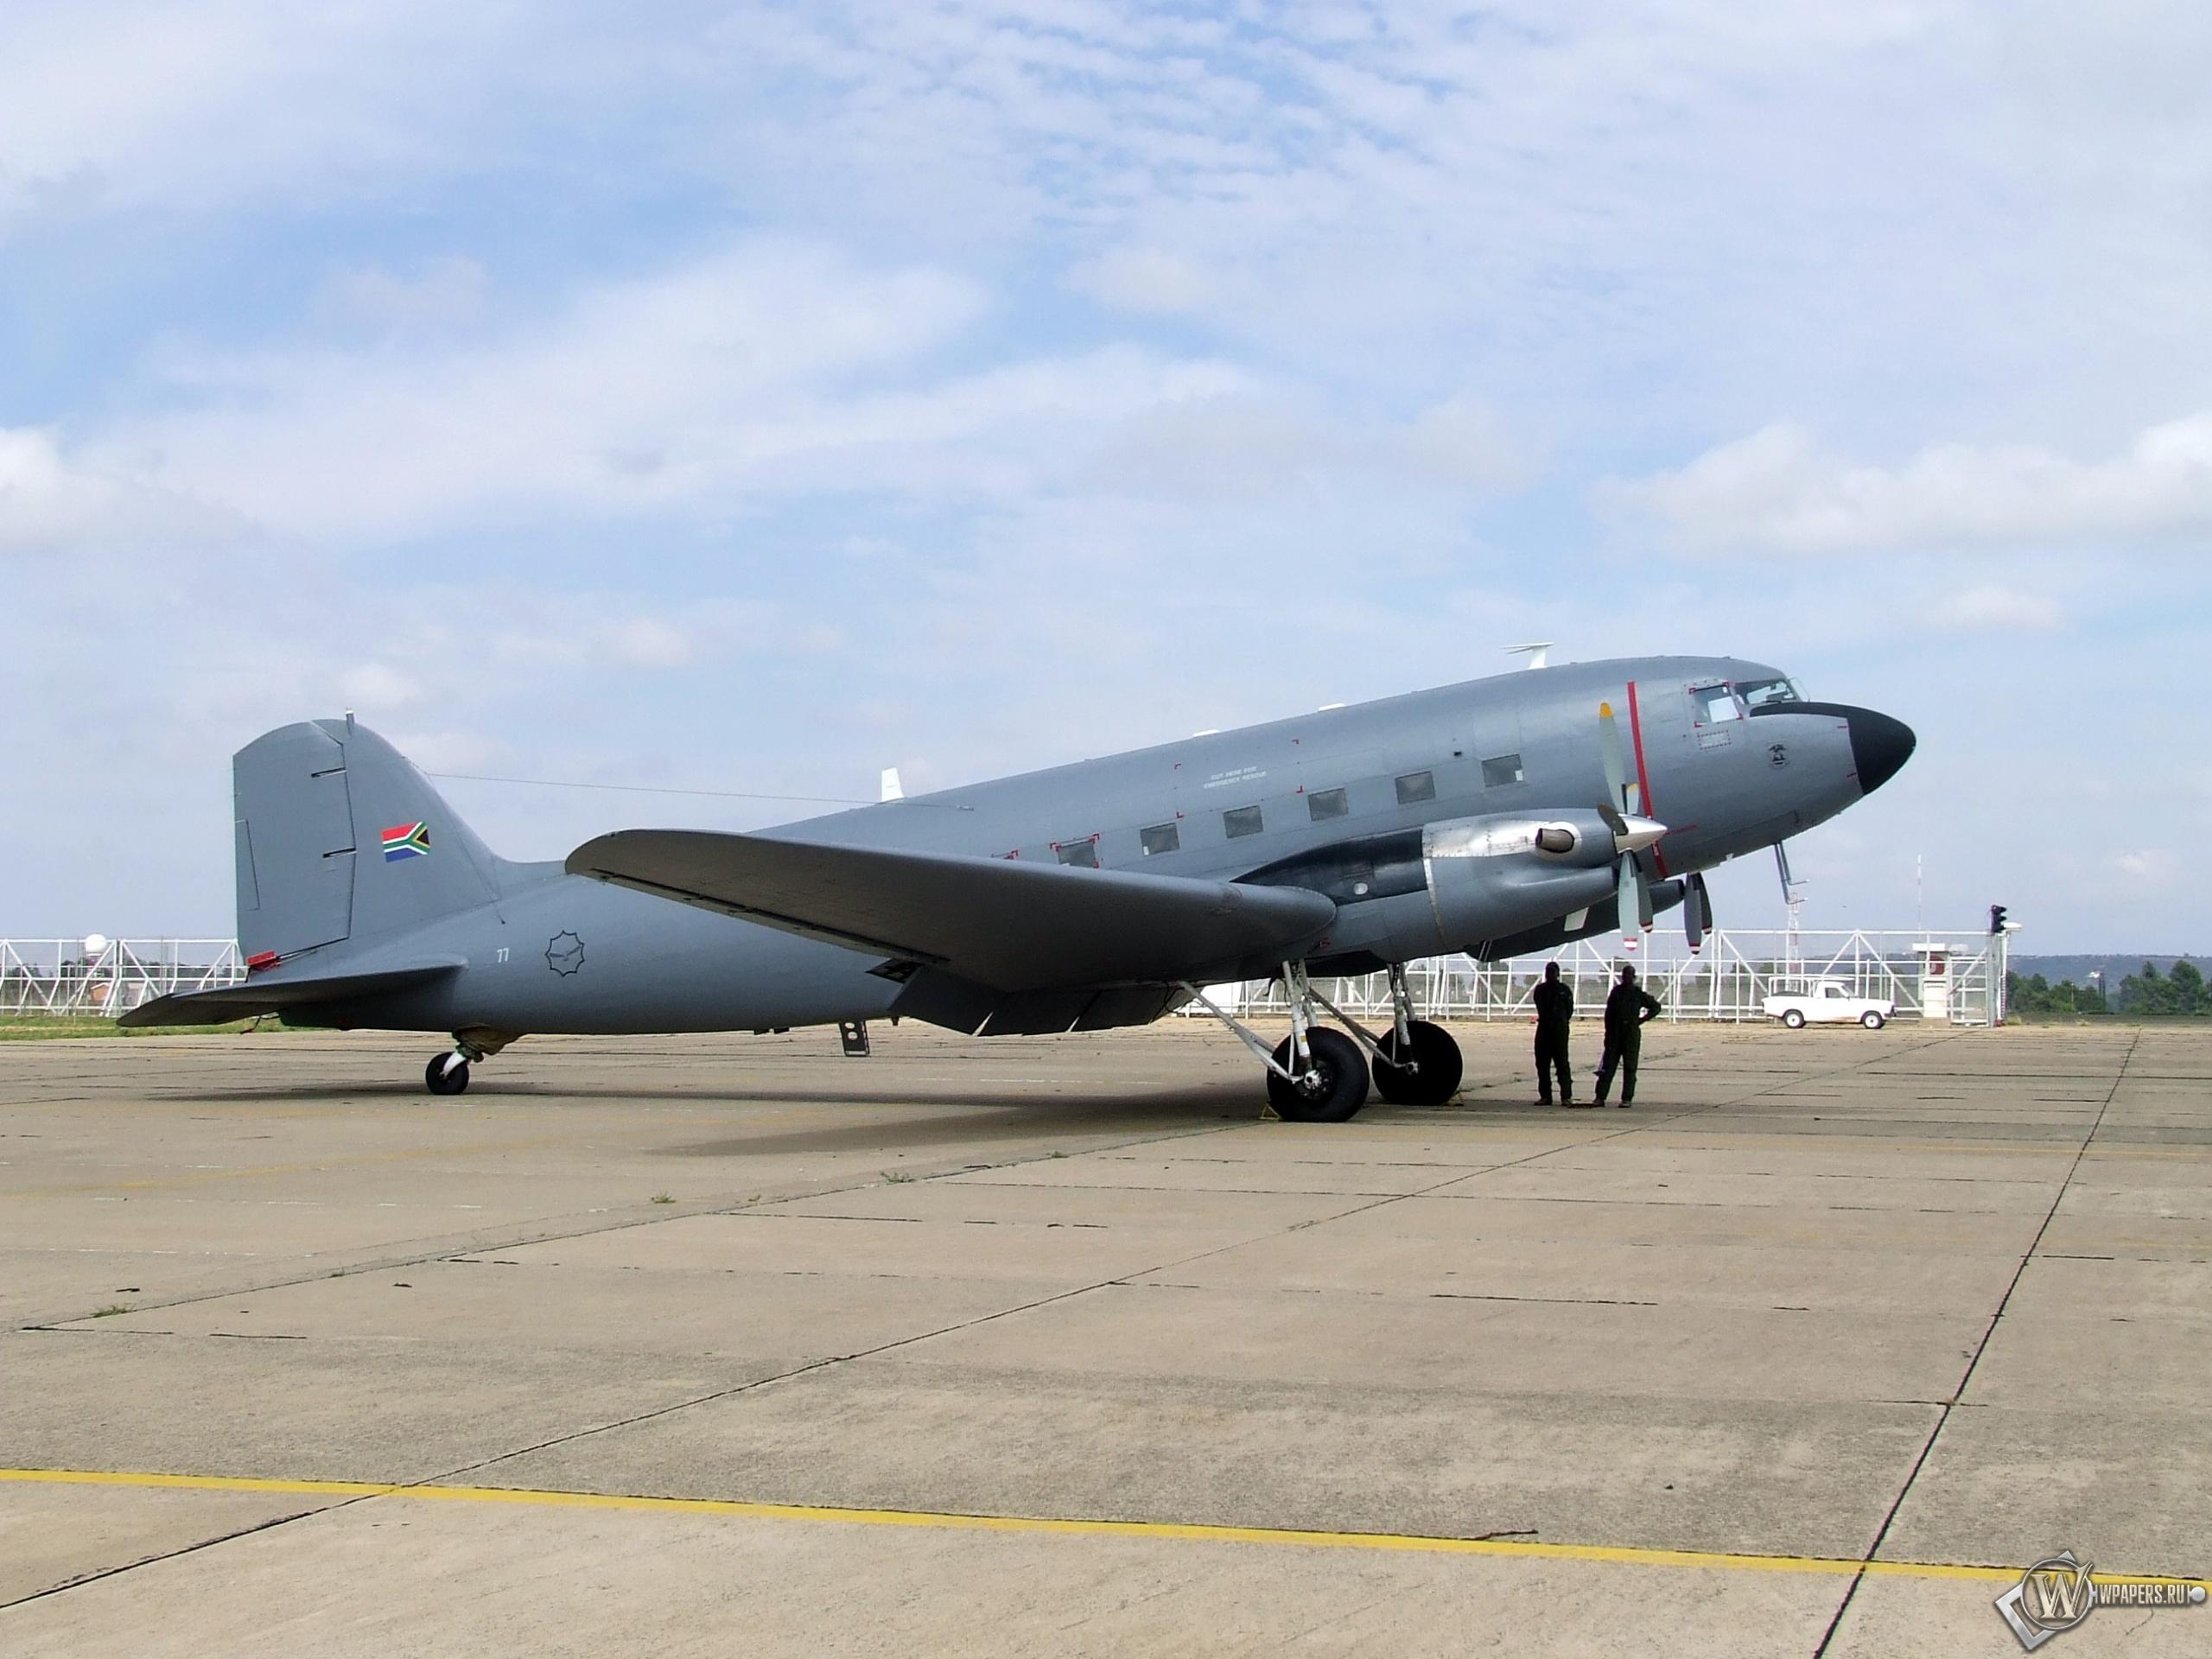 Douglas C-47 2560x1920